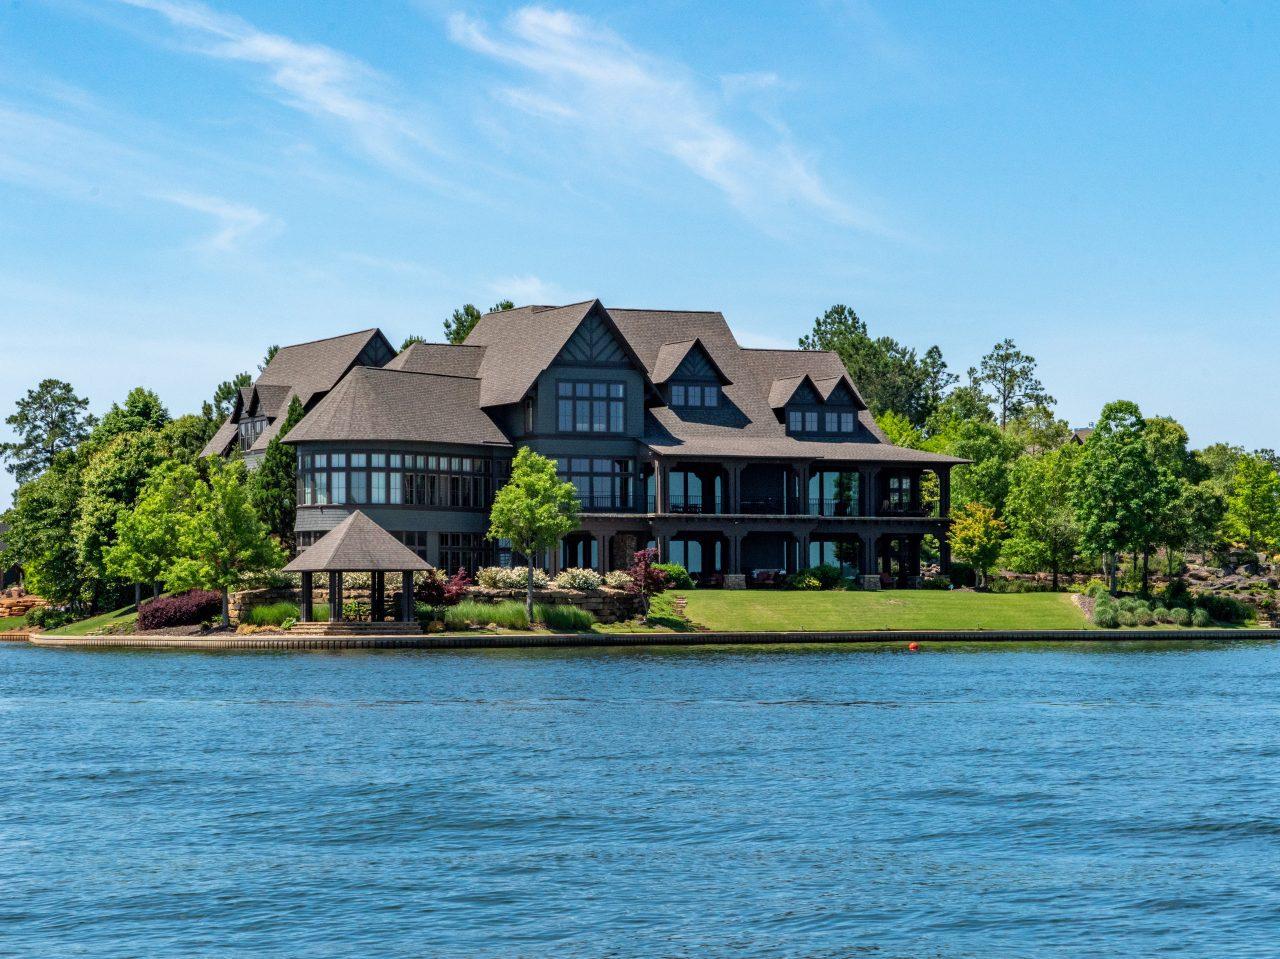 Lake Martin Boat Tour palatial homes